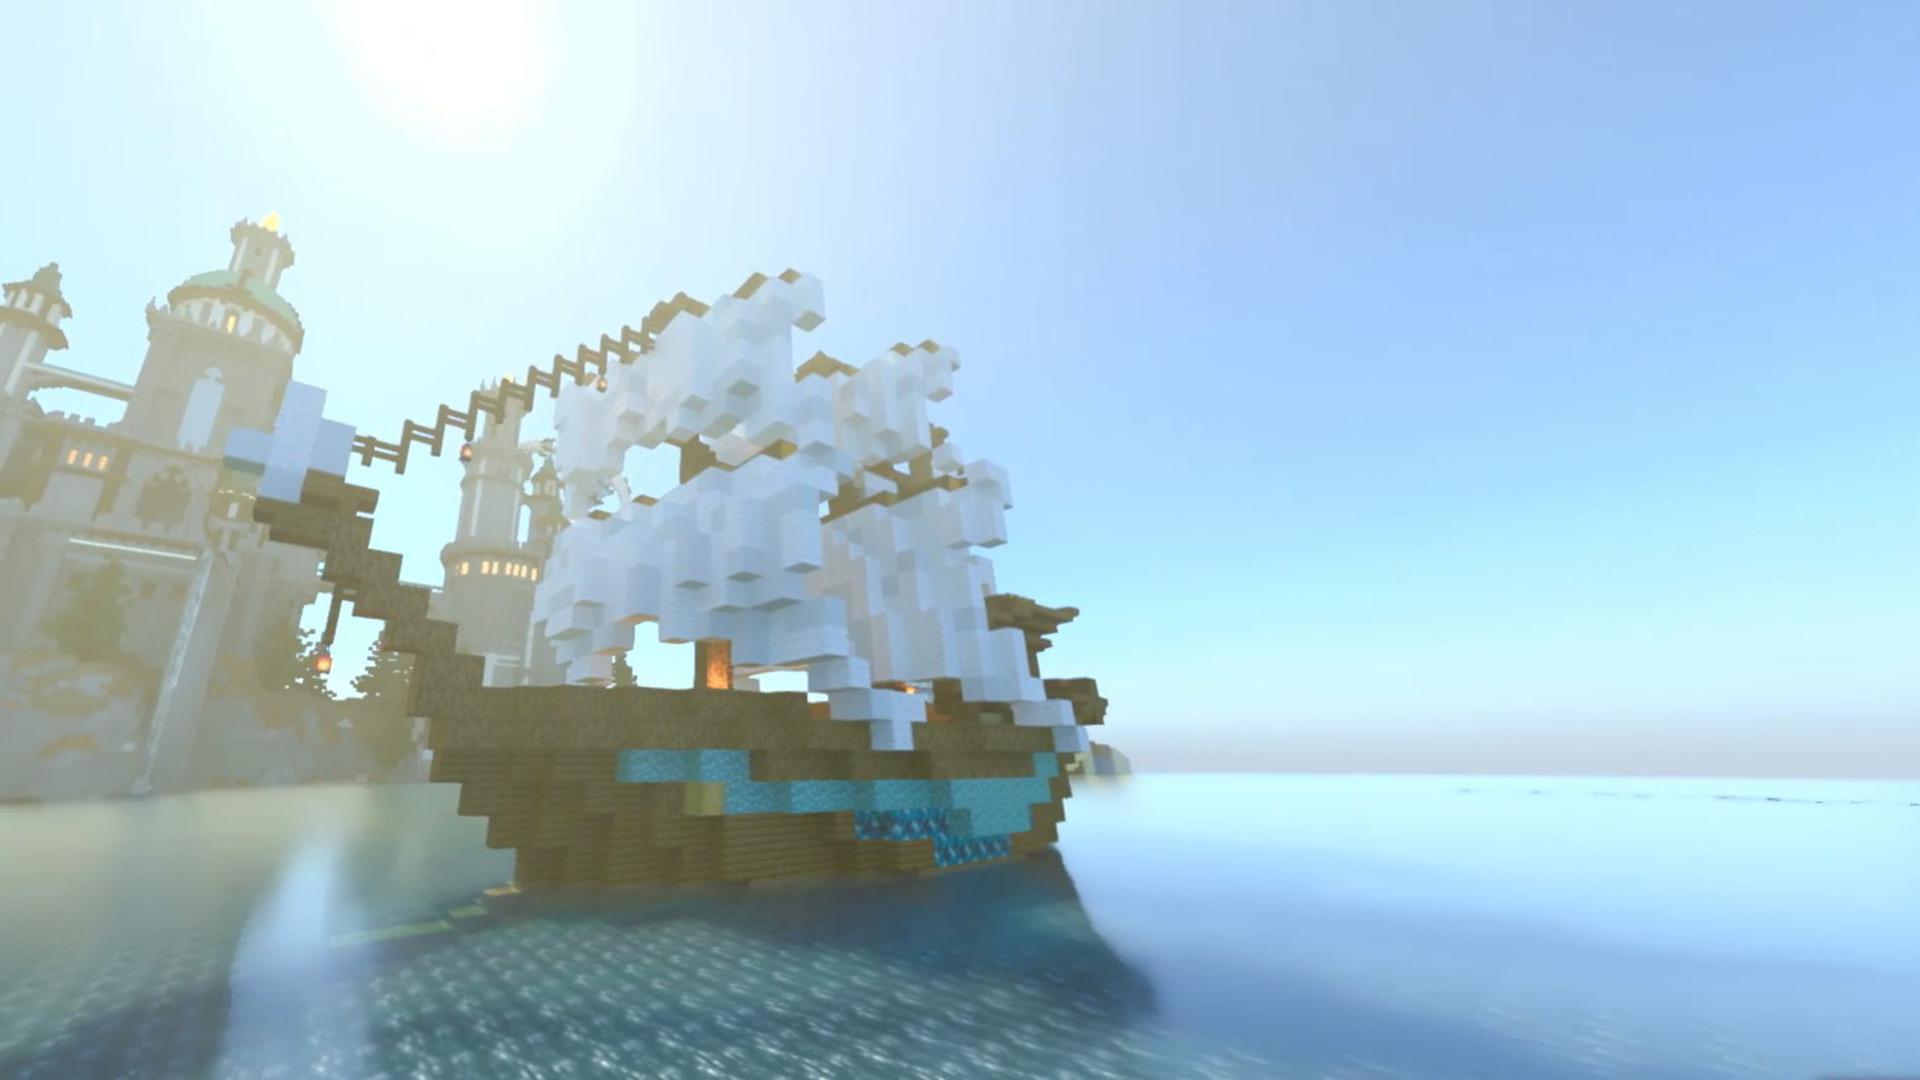 ピクセルで描いた白い帆の船